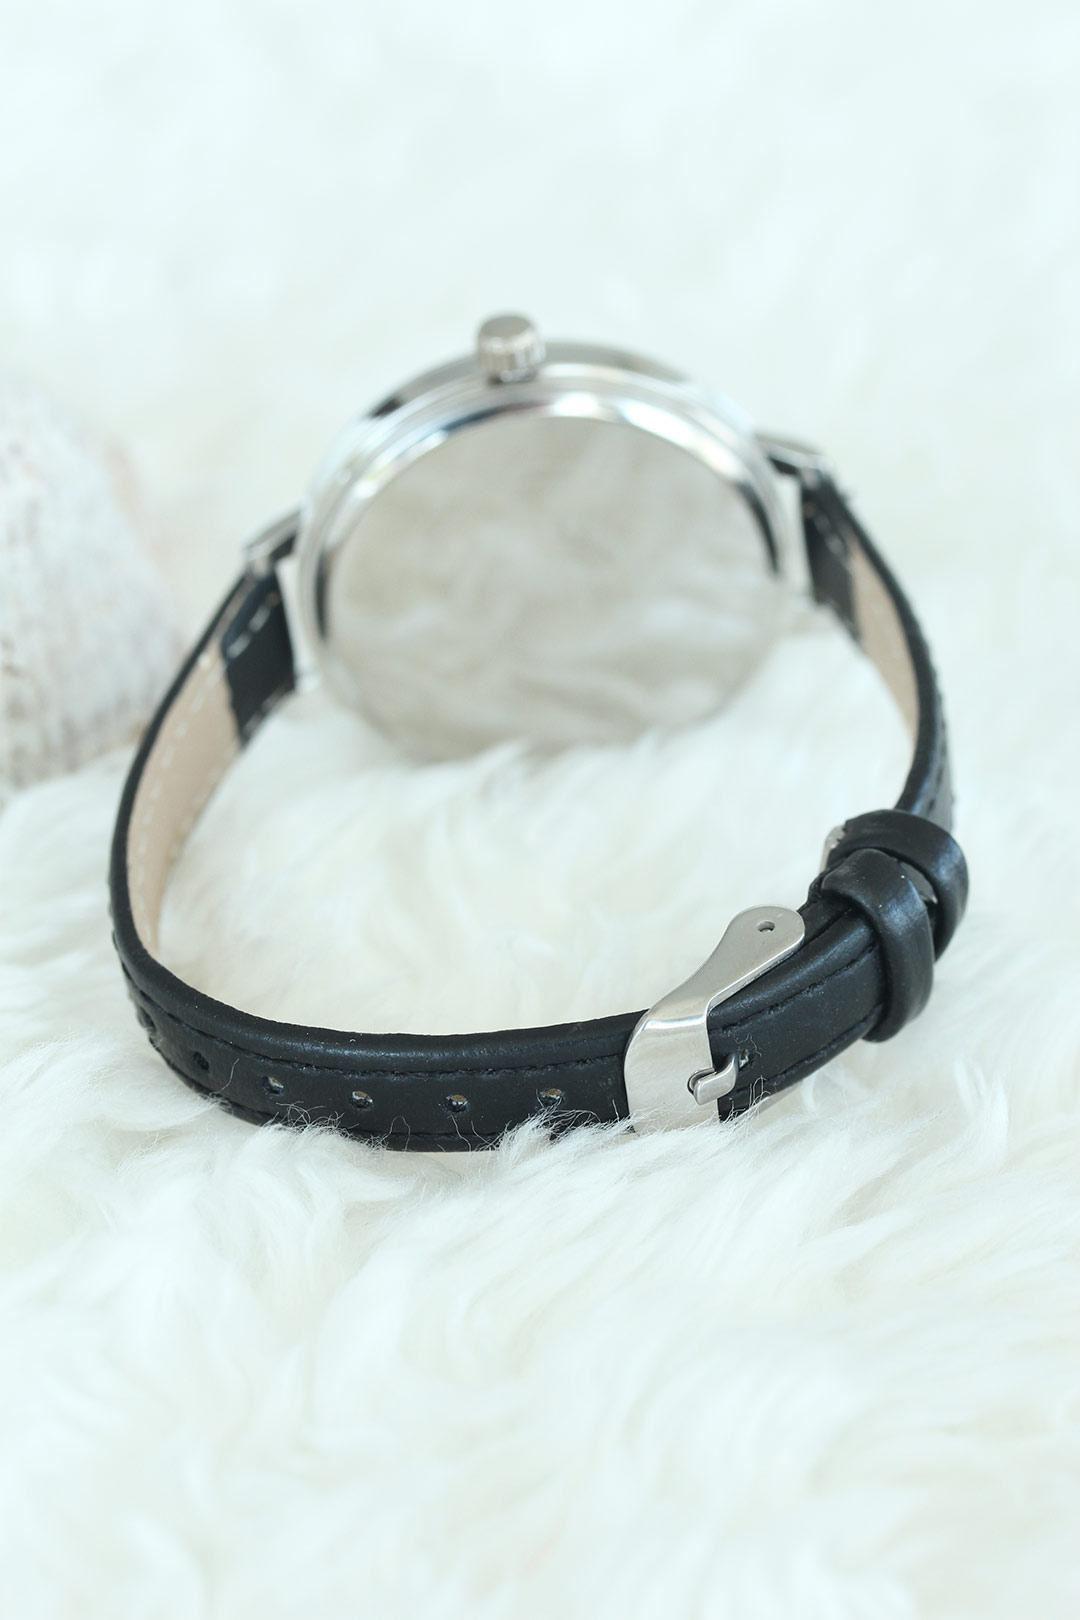 Siyah Deri Kordon Atatürklü Silver Renk Kasalı Bayan Saat